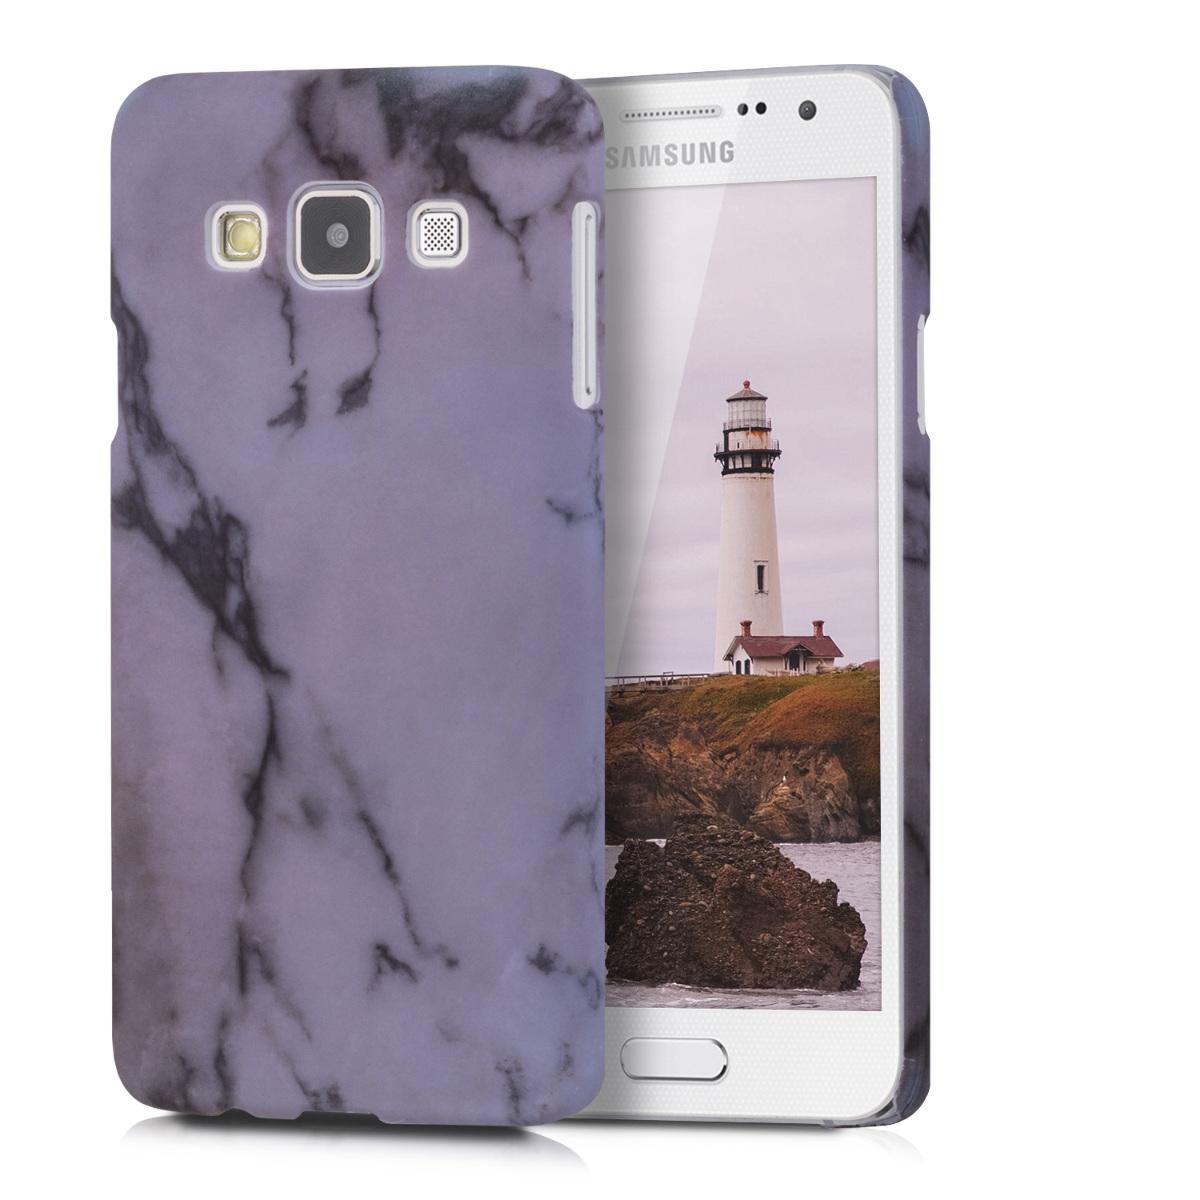 Kvalitní plastové pouzdro pro Samsung A3 (2015) - Marble bílé / černé